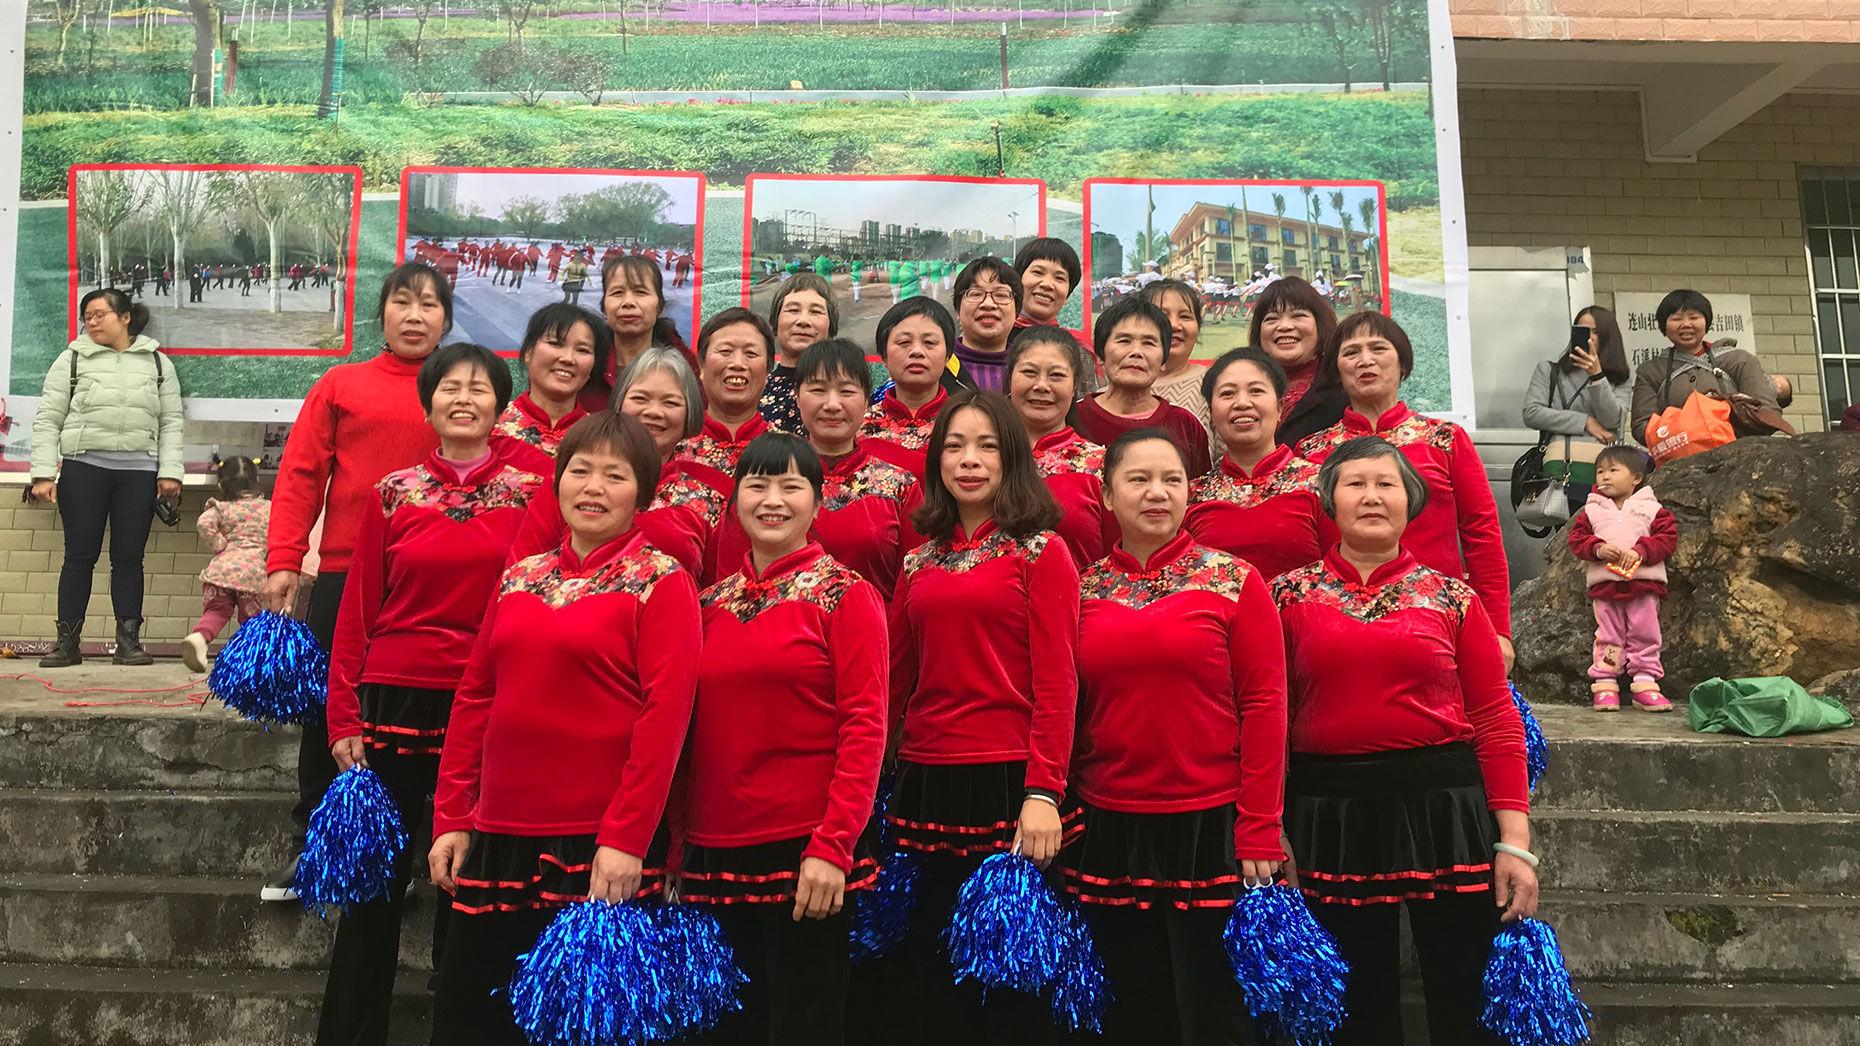 外媒观察:互联网这样改变了中国农村